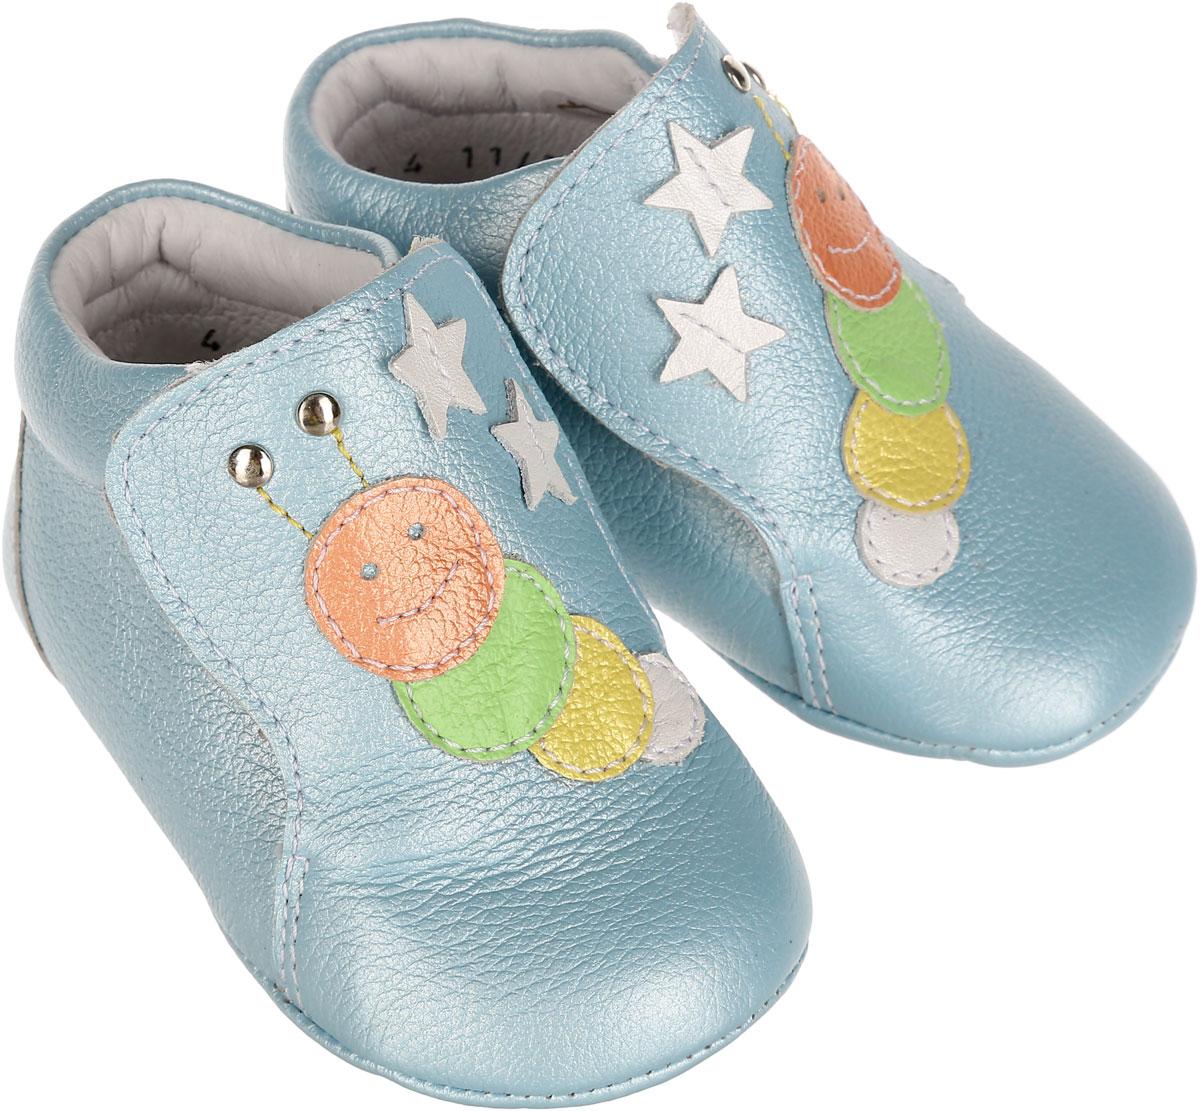 Пинетки7-801761301Пинетки для мальчика Elegami станут отличным дополнением к гардеробу малыша. Изделие выполнено из натуральной кожи. Пинетки дополнены застежками-липучками, которые надежно фиксируют их на ножке ребенка. Изделие украшено аппликациями в виде гусениц и небольшими звездочками. Натуральные и комфортные материалы делают модель практичной и популярной. Такие пинетки - отличное решение для малышей и их родителей!